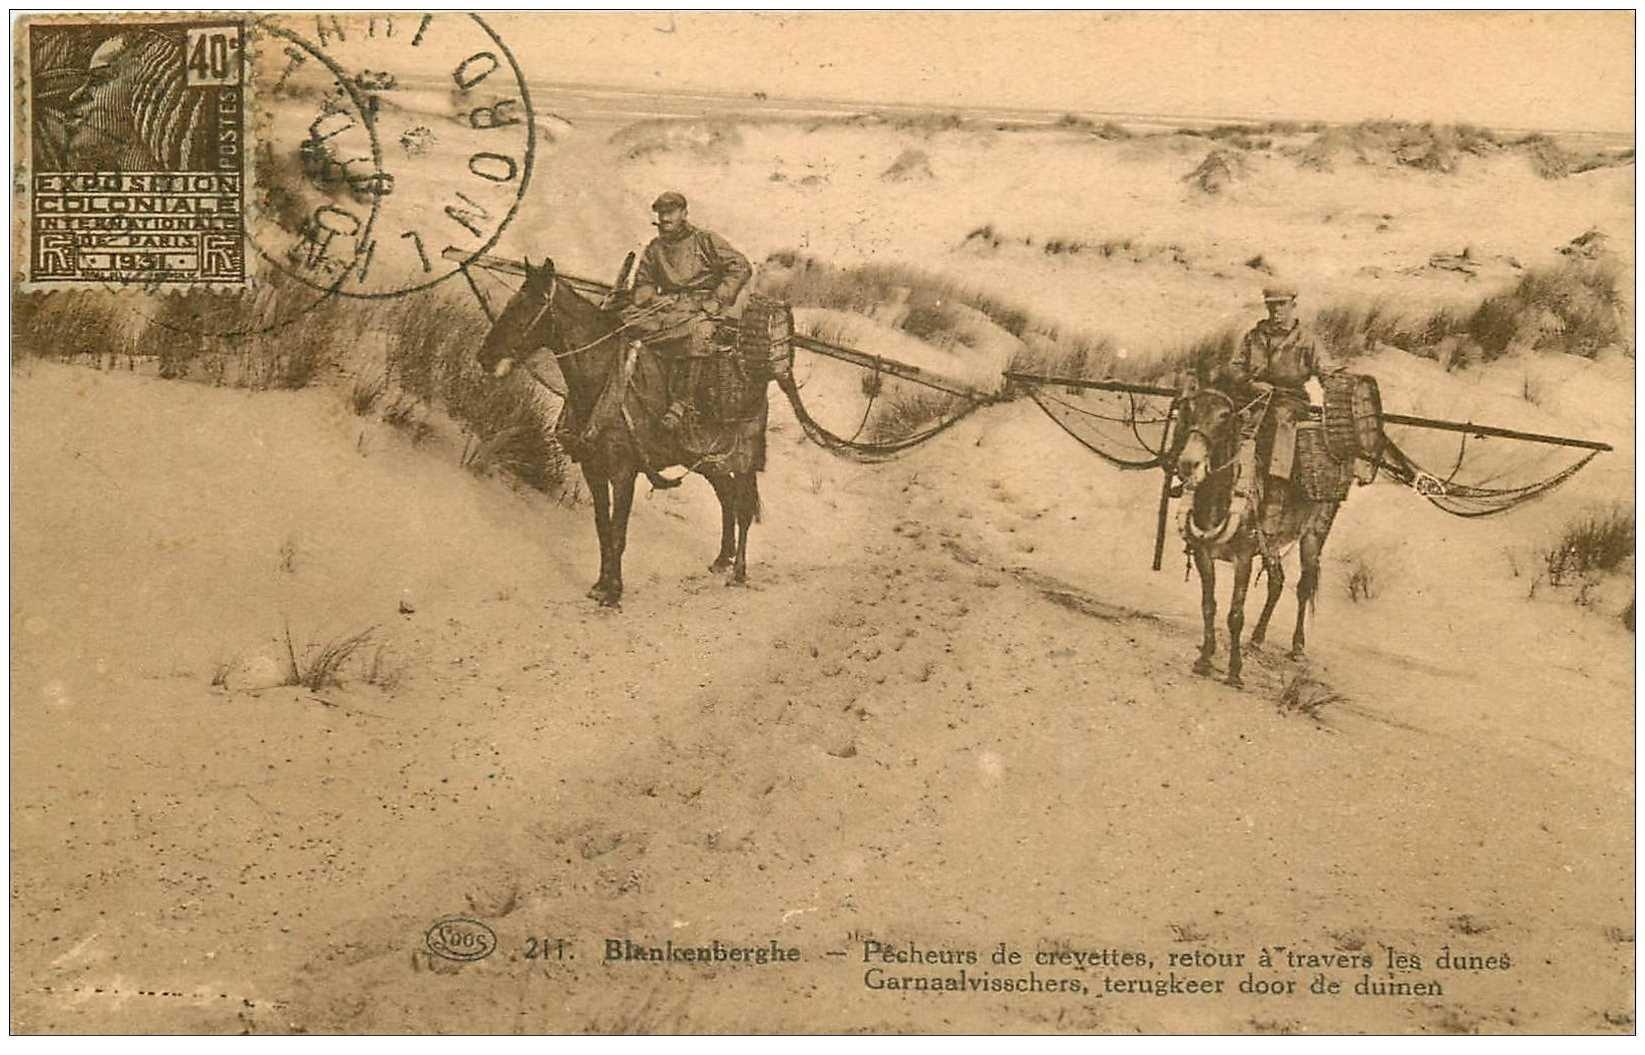 carte postale ancienne Belgique. BLANKENBERGHE. Pêcheurs de Crevettes à Cheval 1931. Pêches et Crustacées